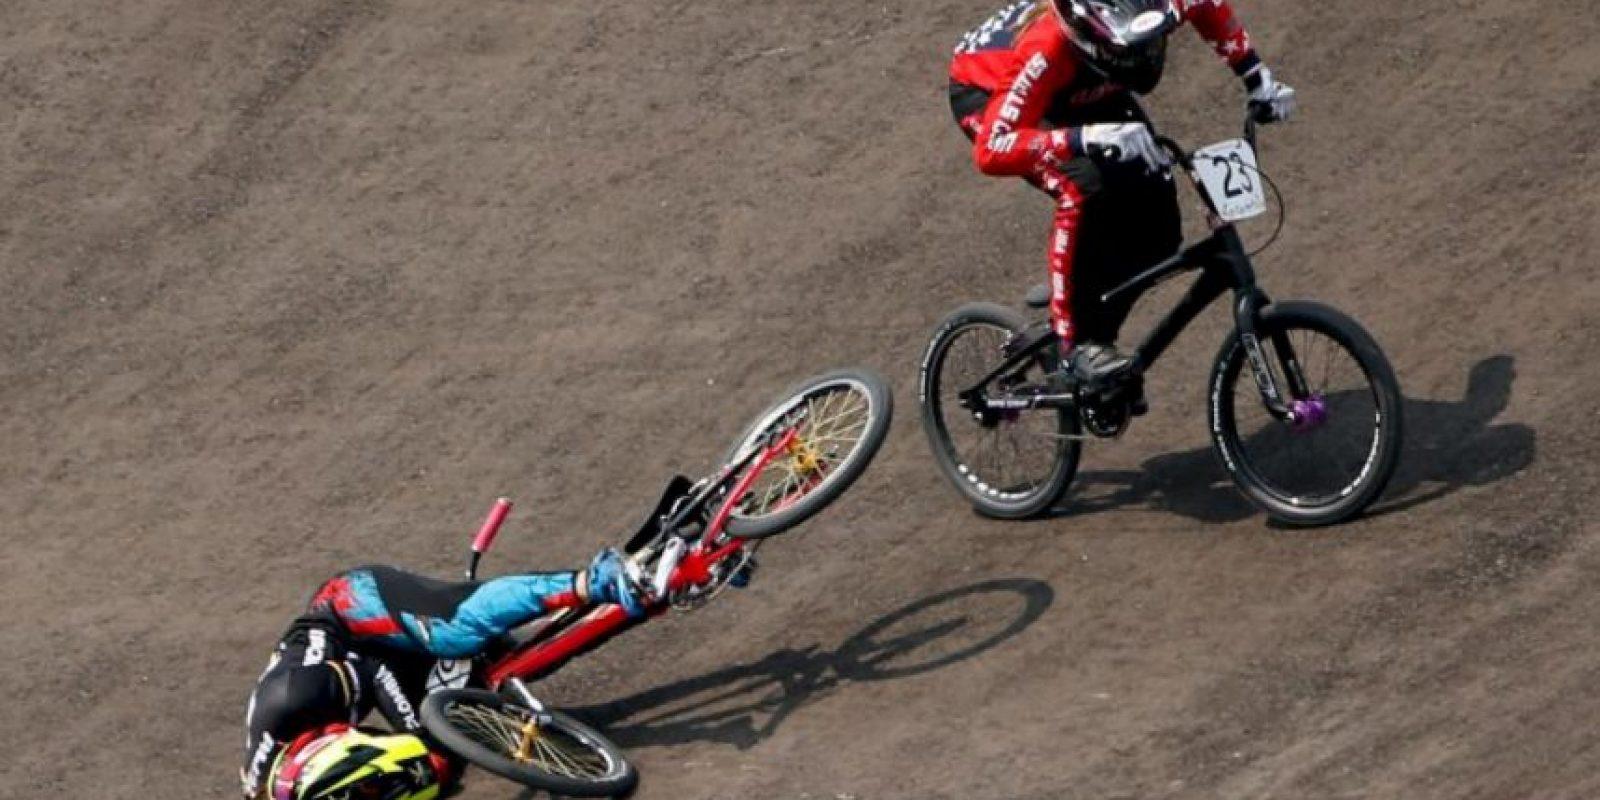 La colombiana fue la última en la final de BMX debido a una aparatosa caída Foto:Getty Images